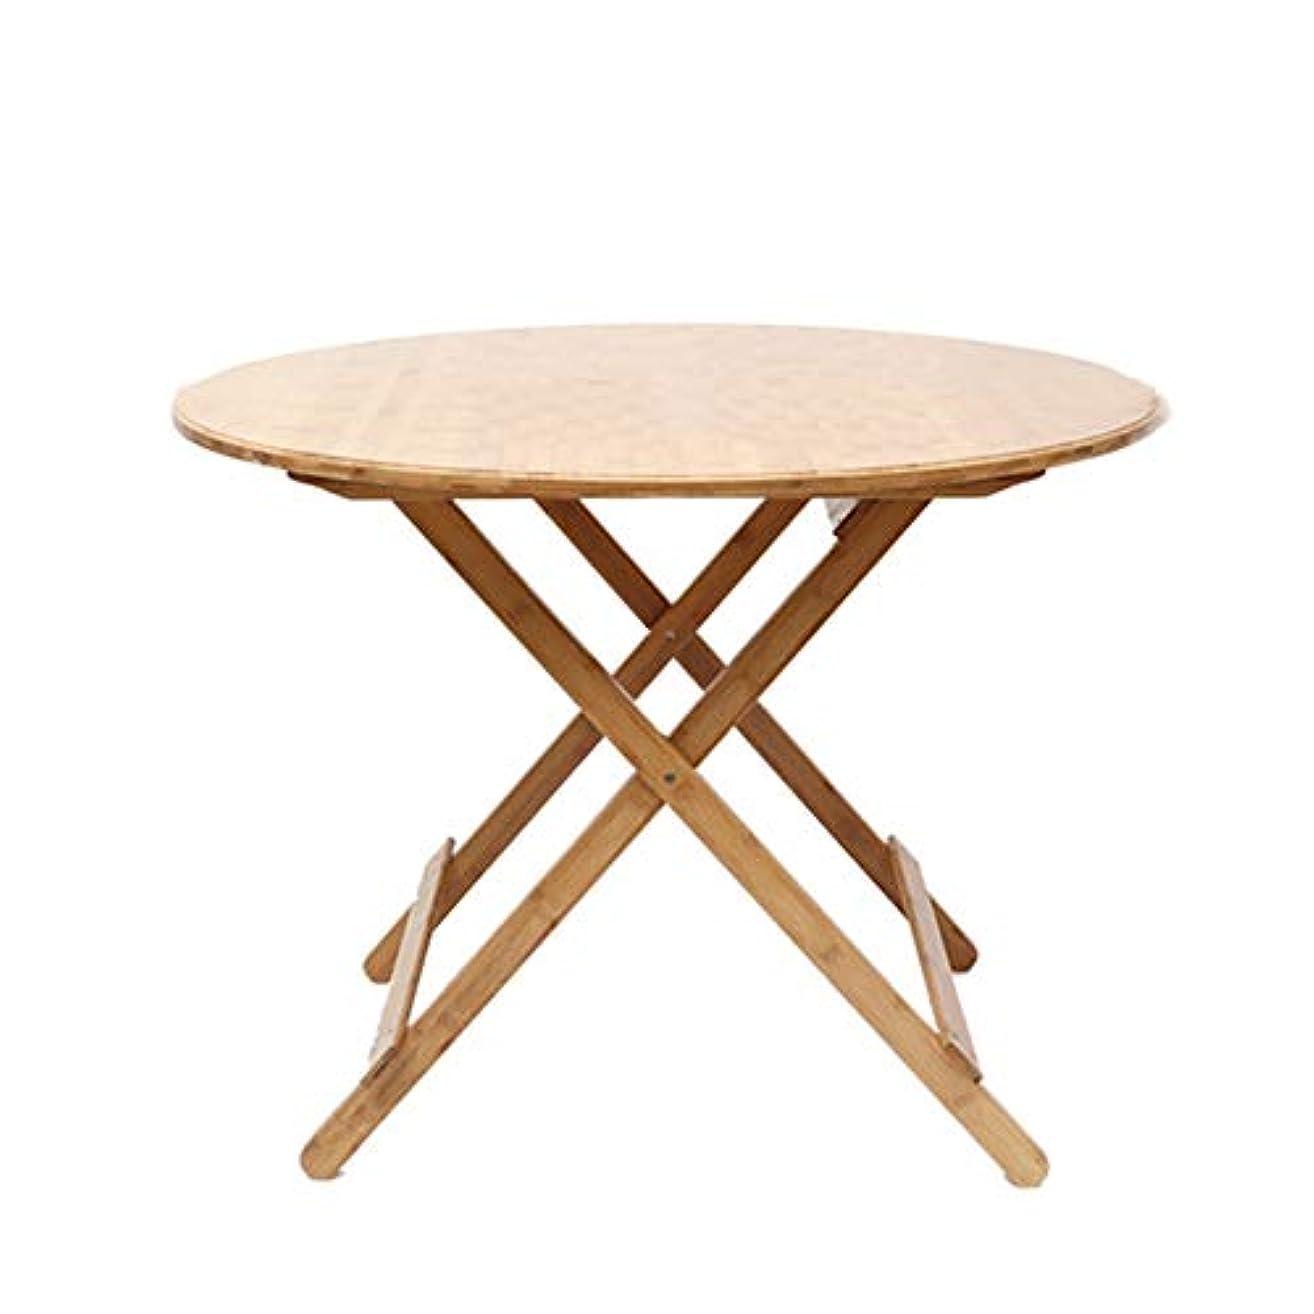 医学バンガロー空のLJHA zhuozi 丸型折りたたみ式テーブル、竹製ポータブルで収納が簡単、リビングルーム、キッチン、オフィスなどに適しています(4サイズ) (サイズ さいず : 70×70×71cm)